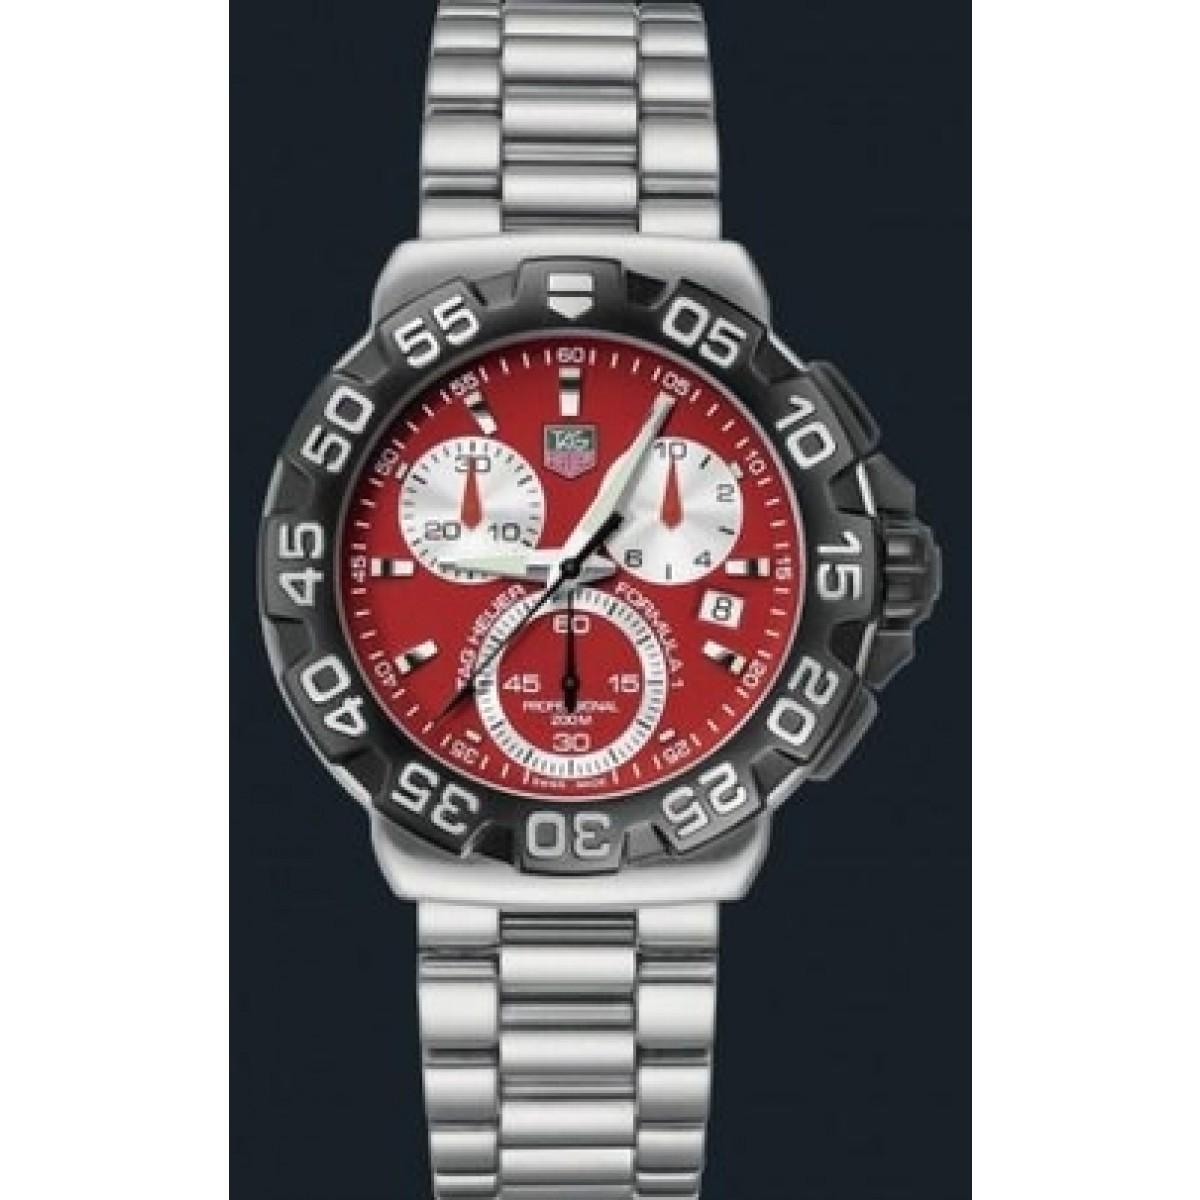 087e6a26a53 réplica Relógio Tag Heuer Formula 1 Chrono